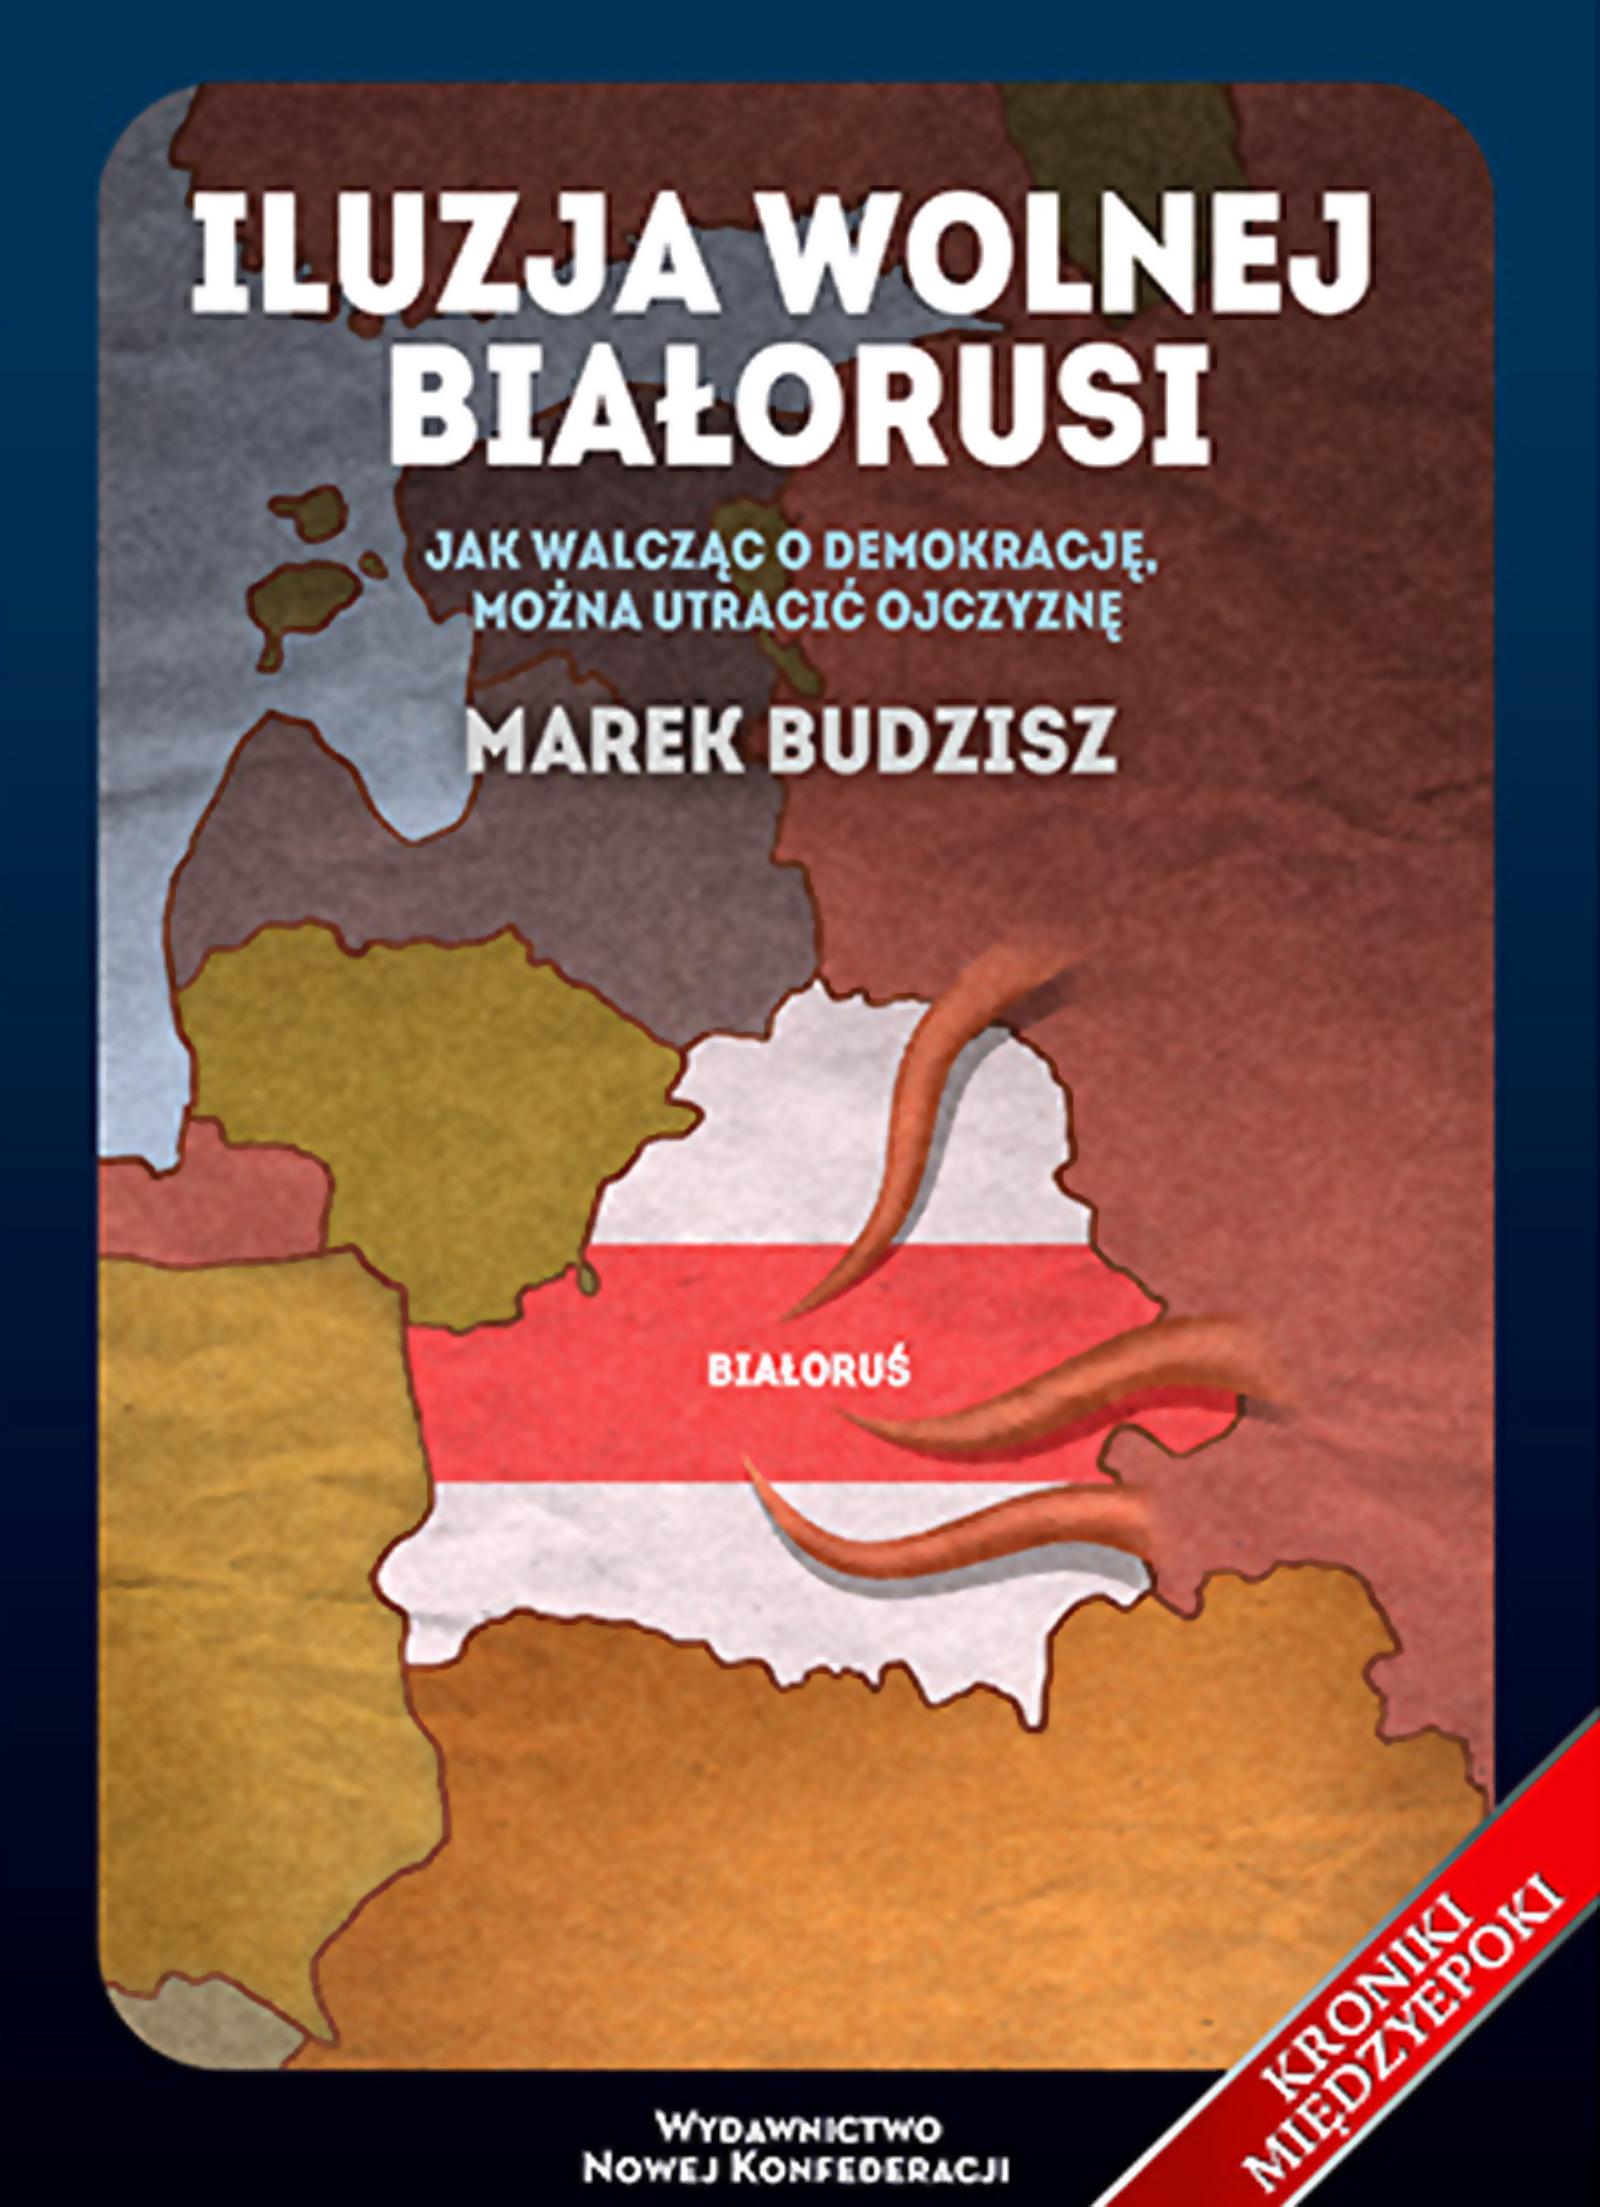 iluzja wolnej białorusi